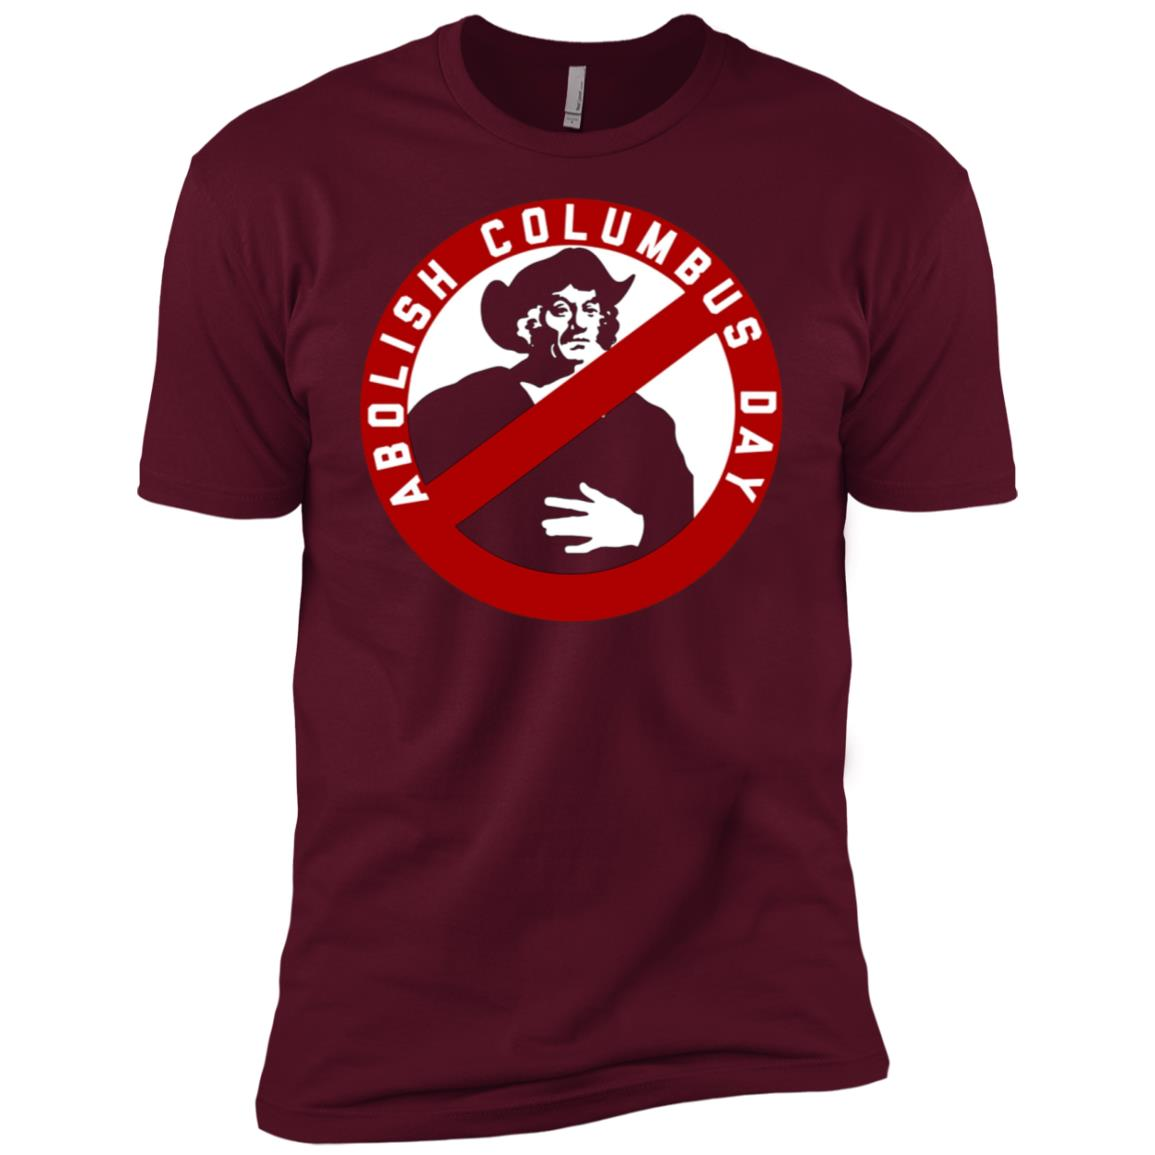 Abolish Columbus Day – Men Short Sleeve T-Shirt